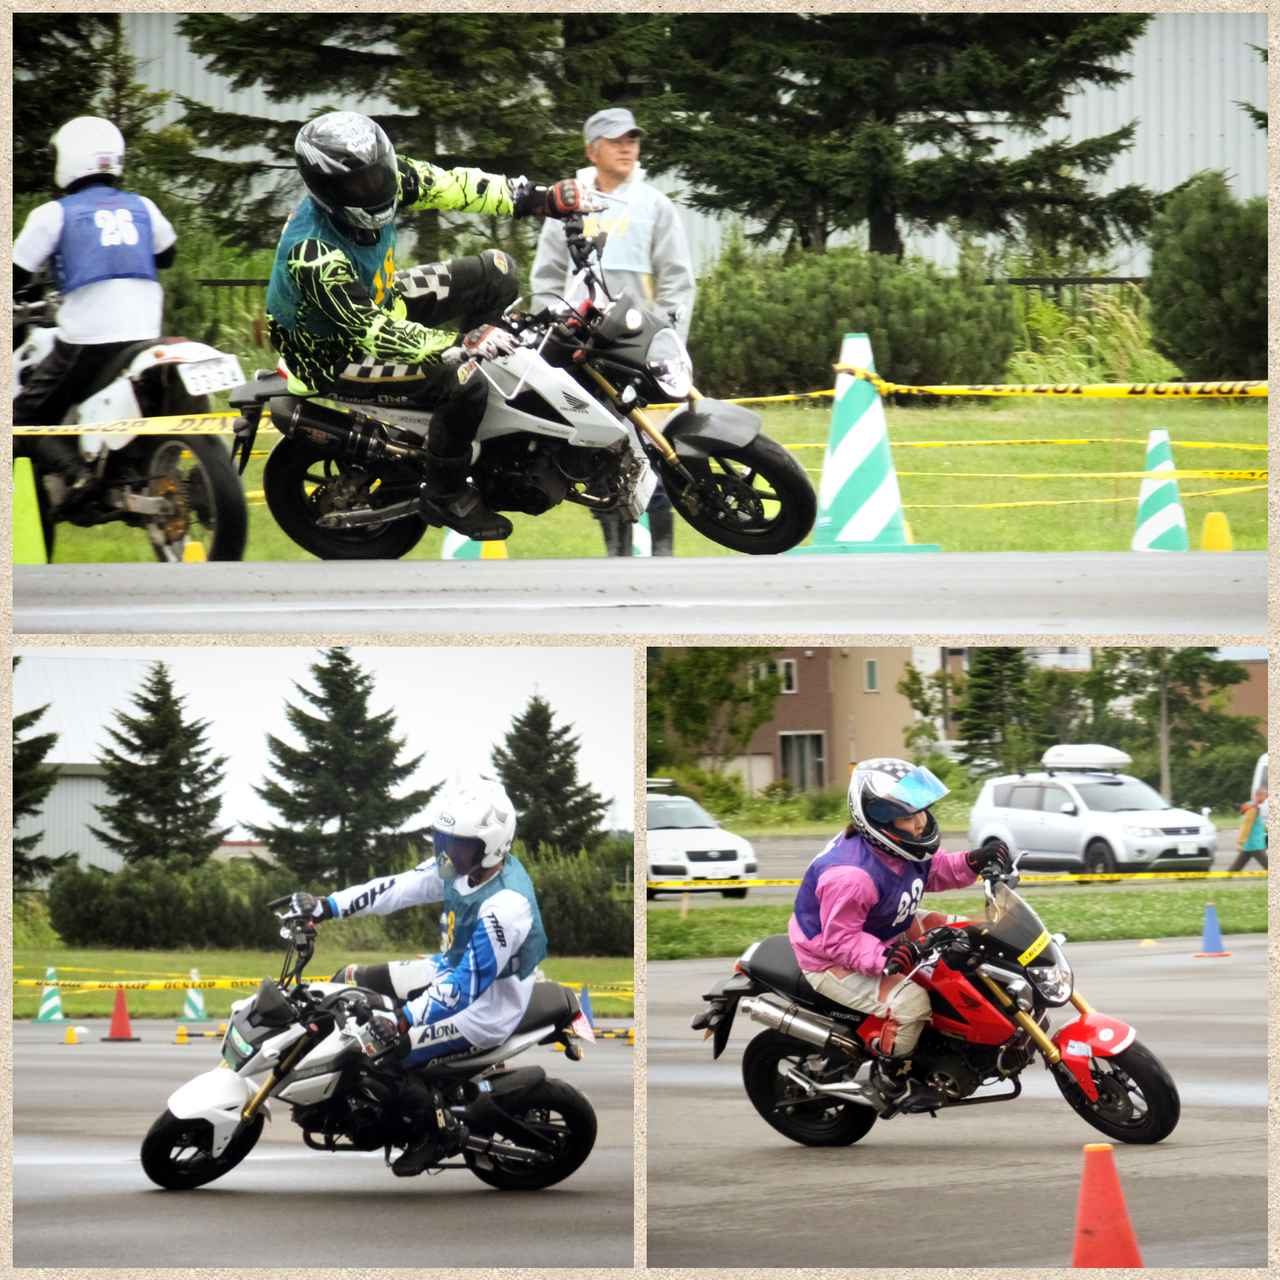 画像: 上・宮田選手(愛知県)、左下・高橋選手(愛知県)、右下・田中選手(北海道) もう1名北海道の女性選手がいたのですが写真が撮れず……